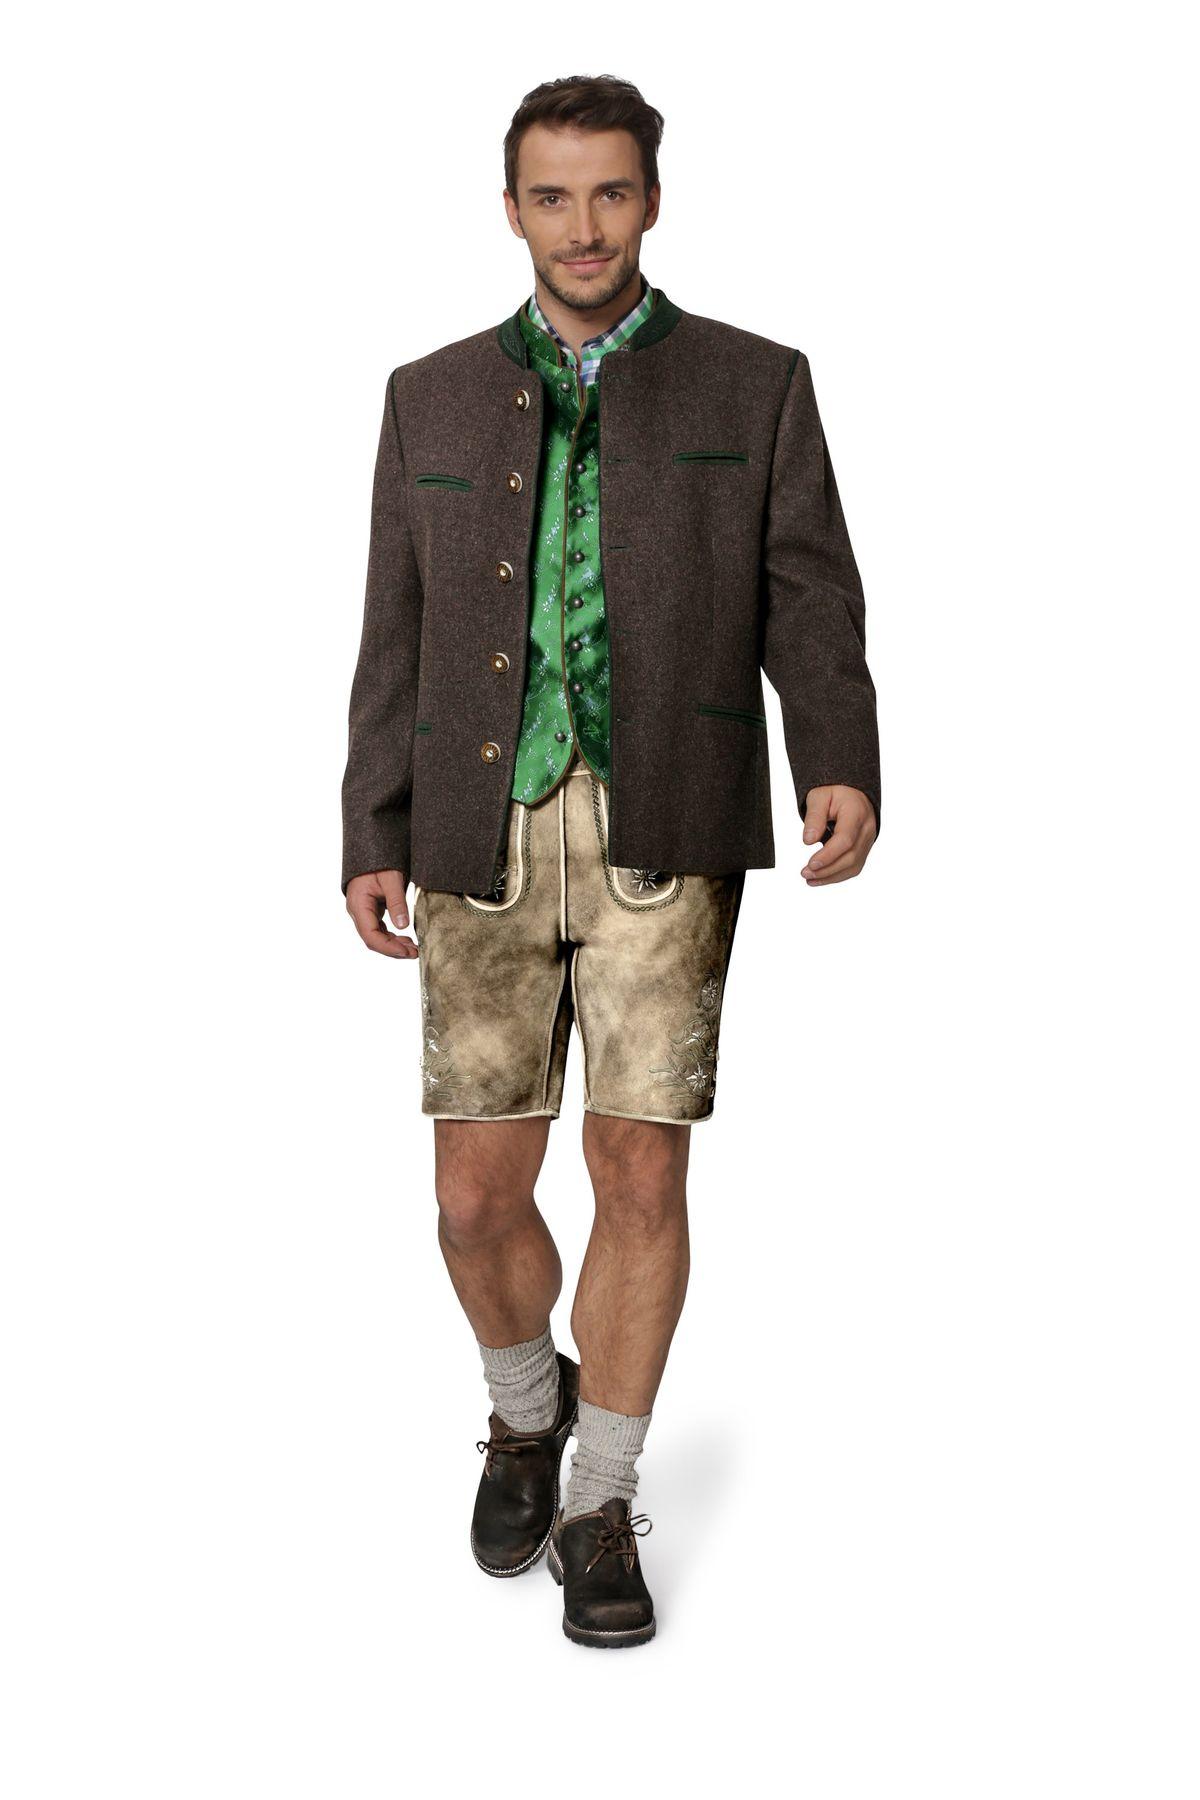 Stockerpoint - Herren Trachten Janker aus reiner Schurwolle, Stachus – Bild 13